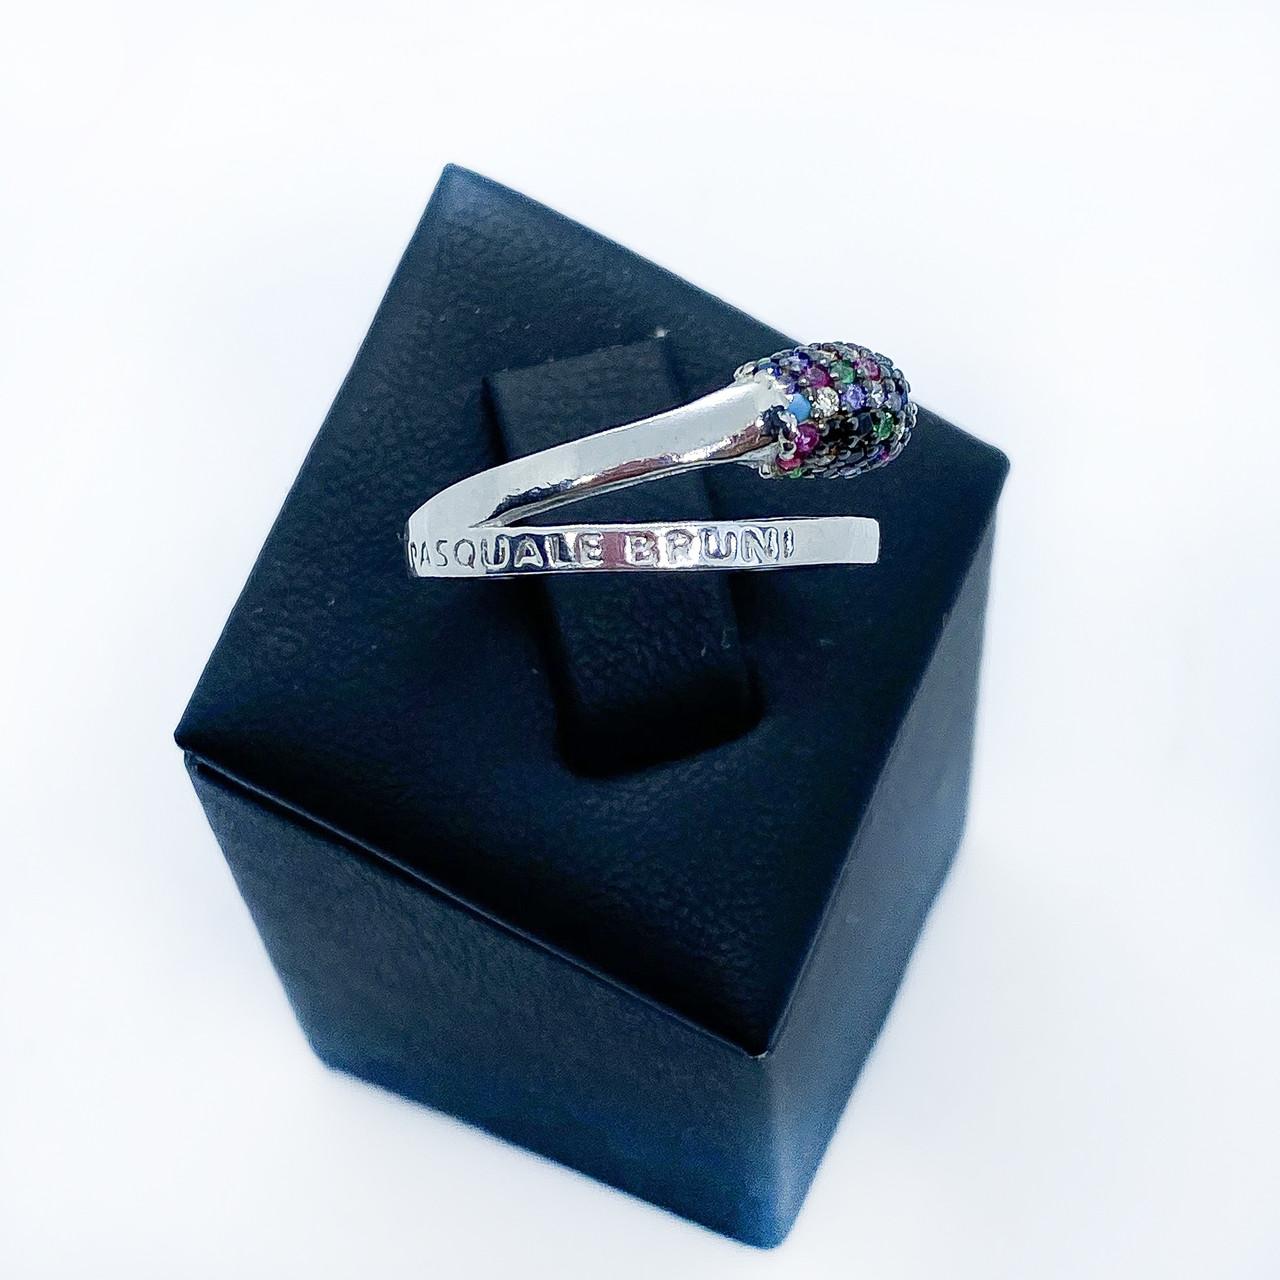 Кільце з срібла 925 Beauty Bar в стилі Pascale Bruni кольорові камені (розмір 17 - 18,5 мм)